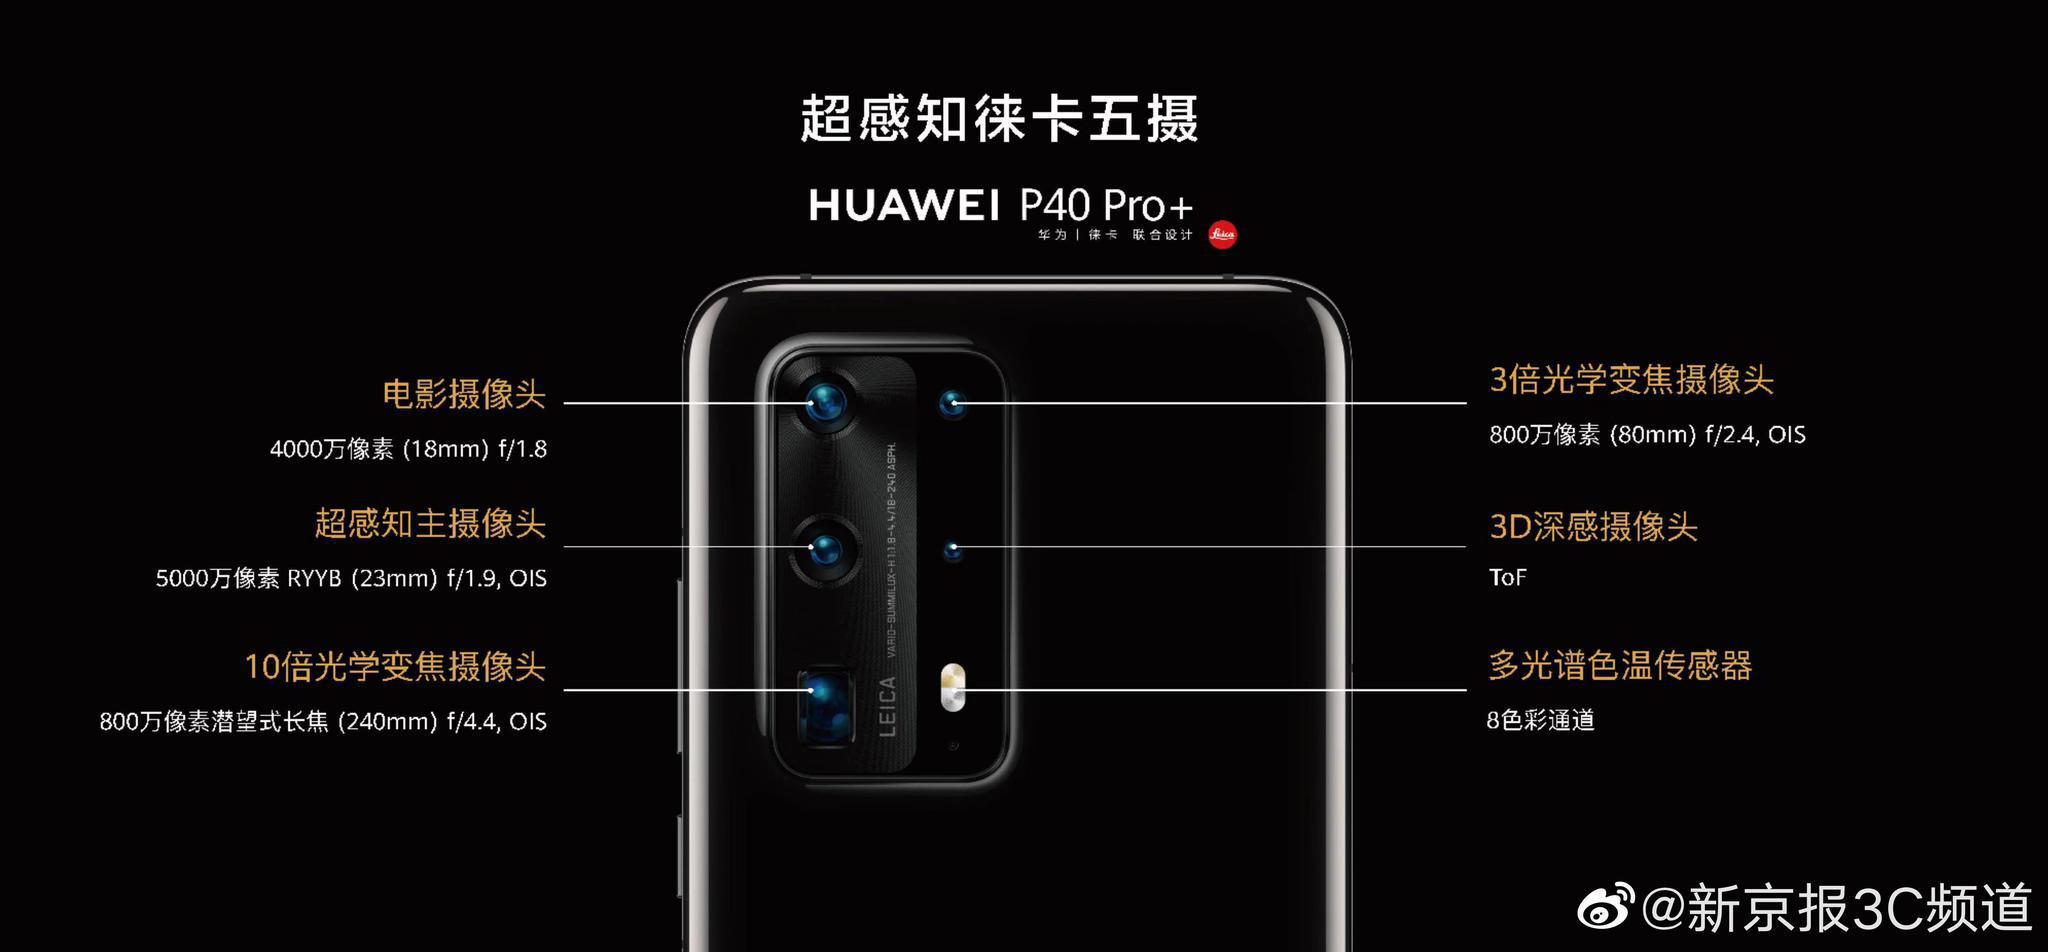 华为P40Pro+的10倍光学变焦摄像头……